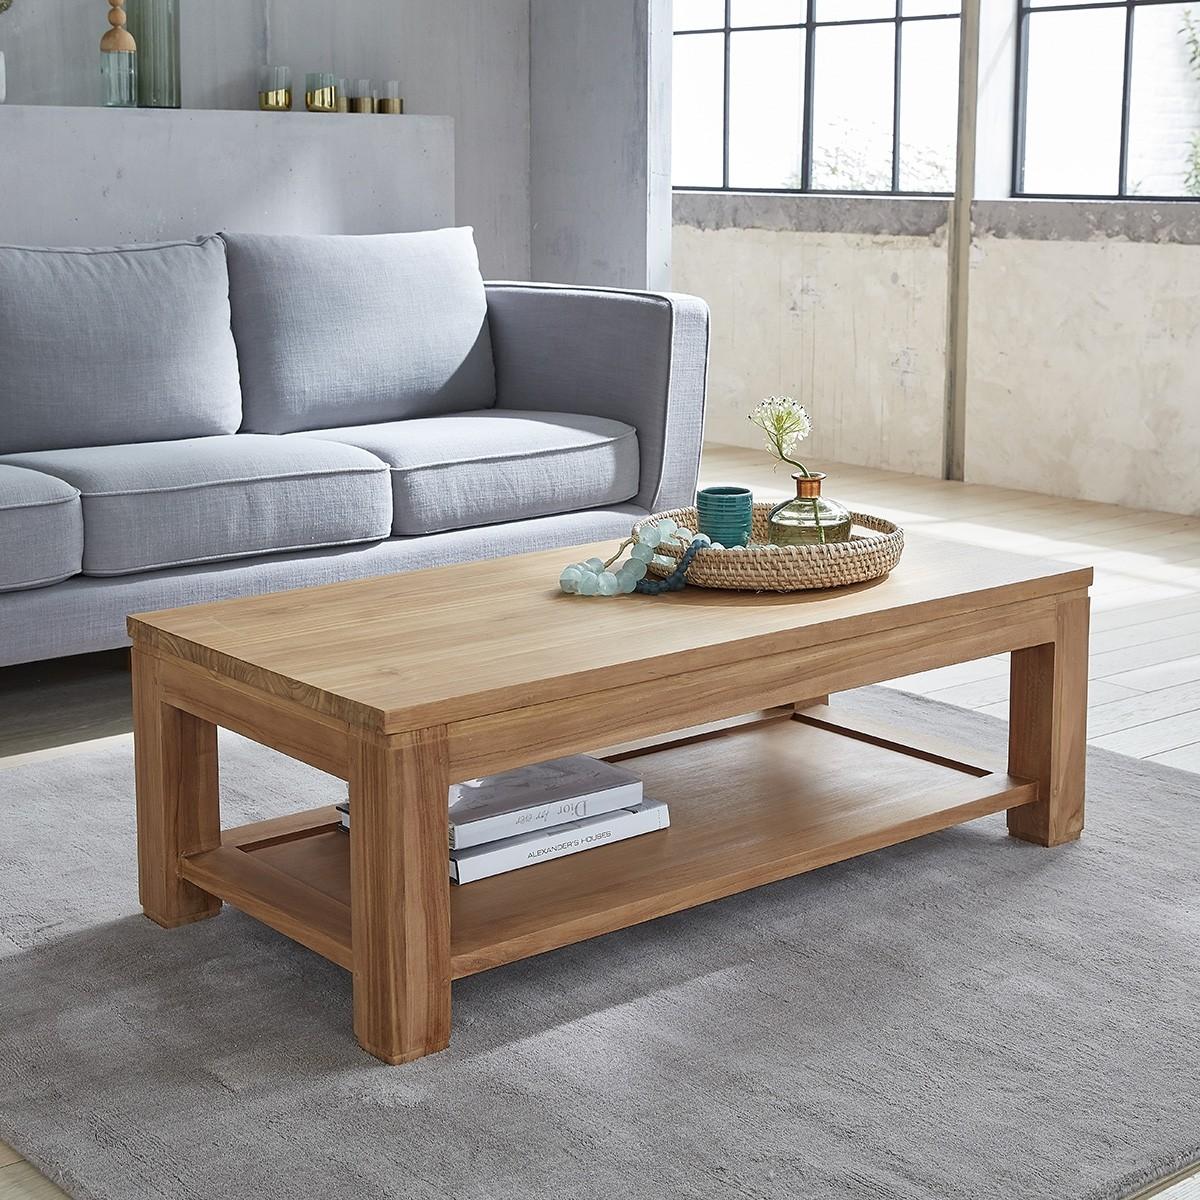 Table basse rectangulaire en teck brut 120 boston bois dessus bois dessous - Table de salon rectangulaire ...